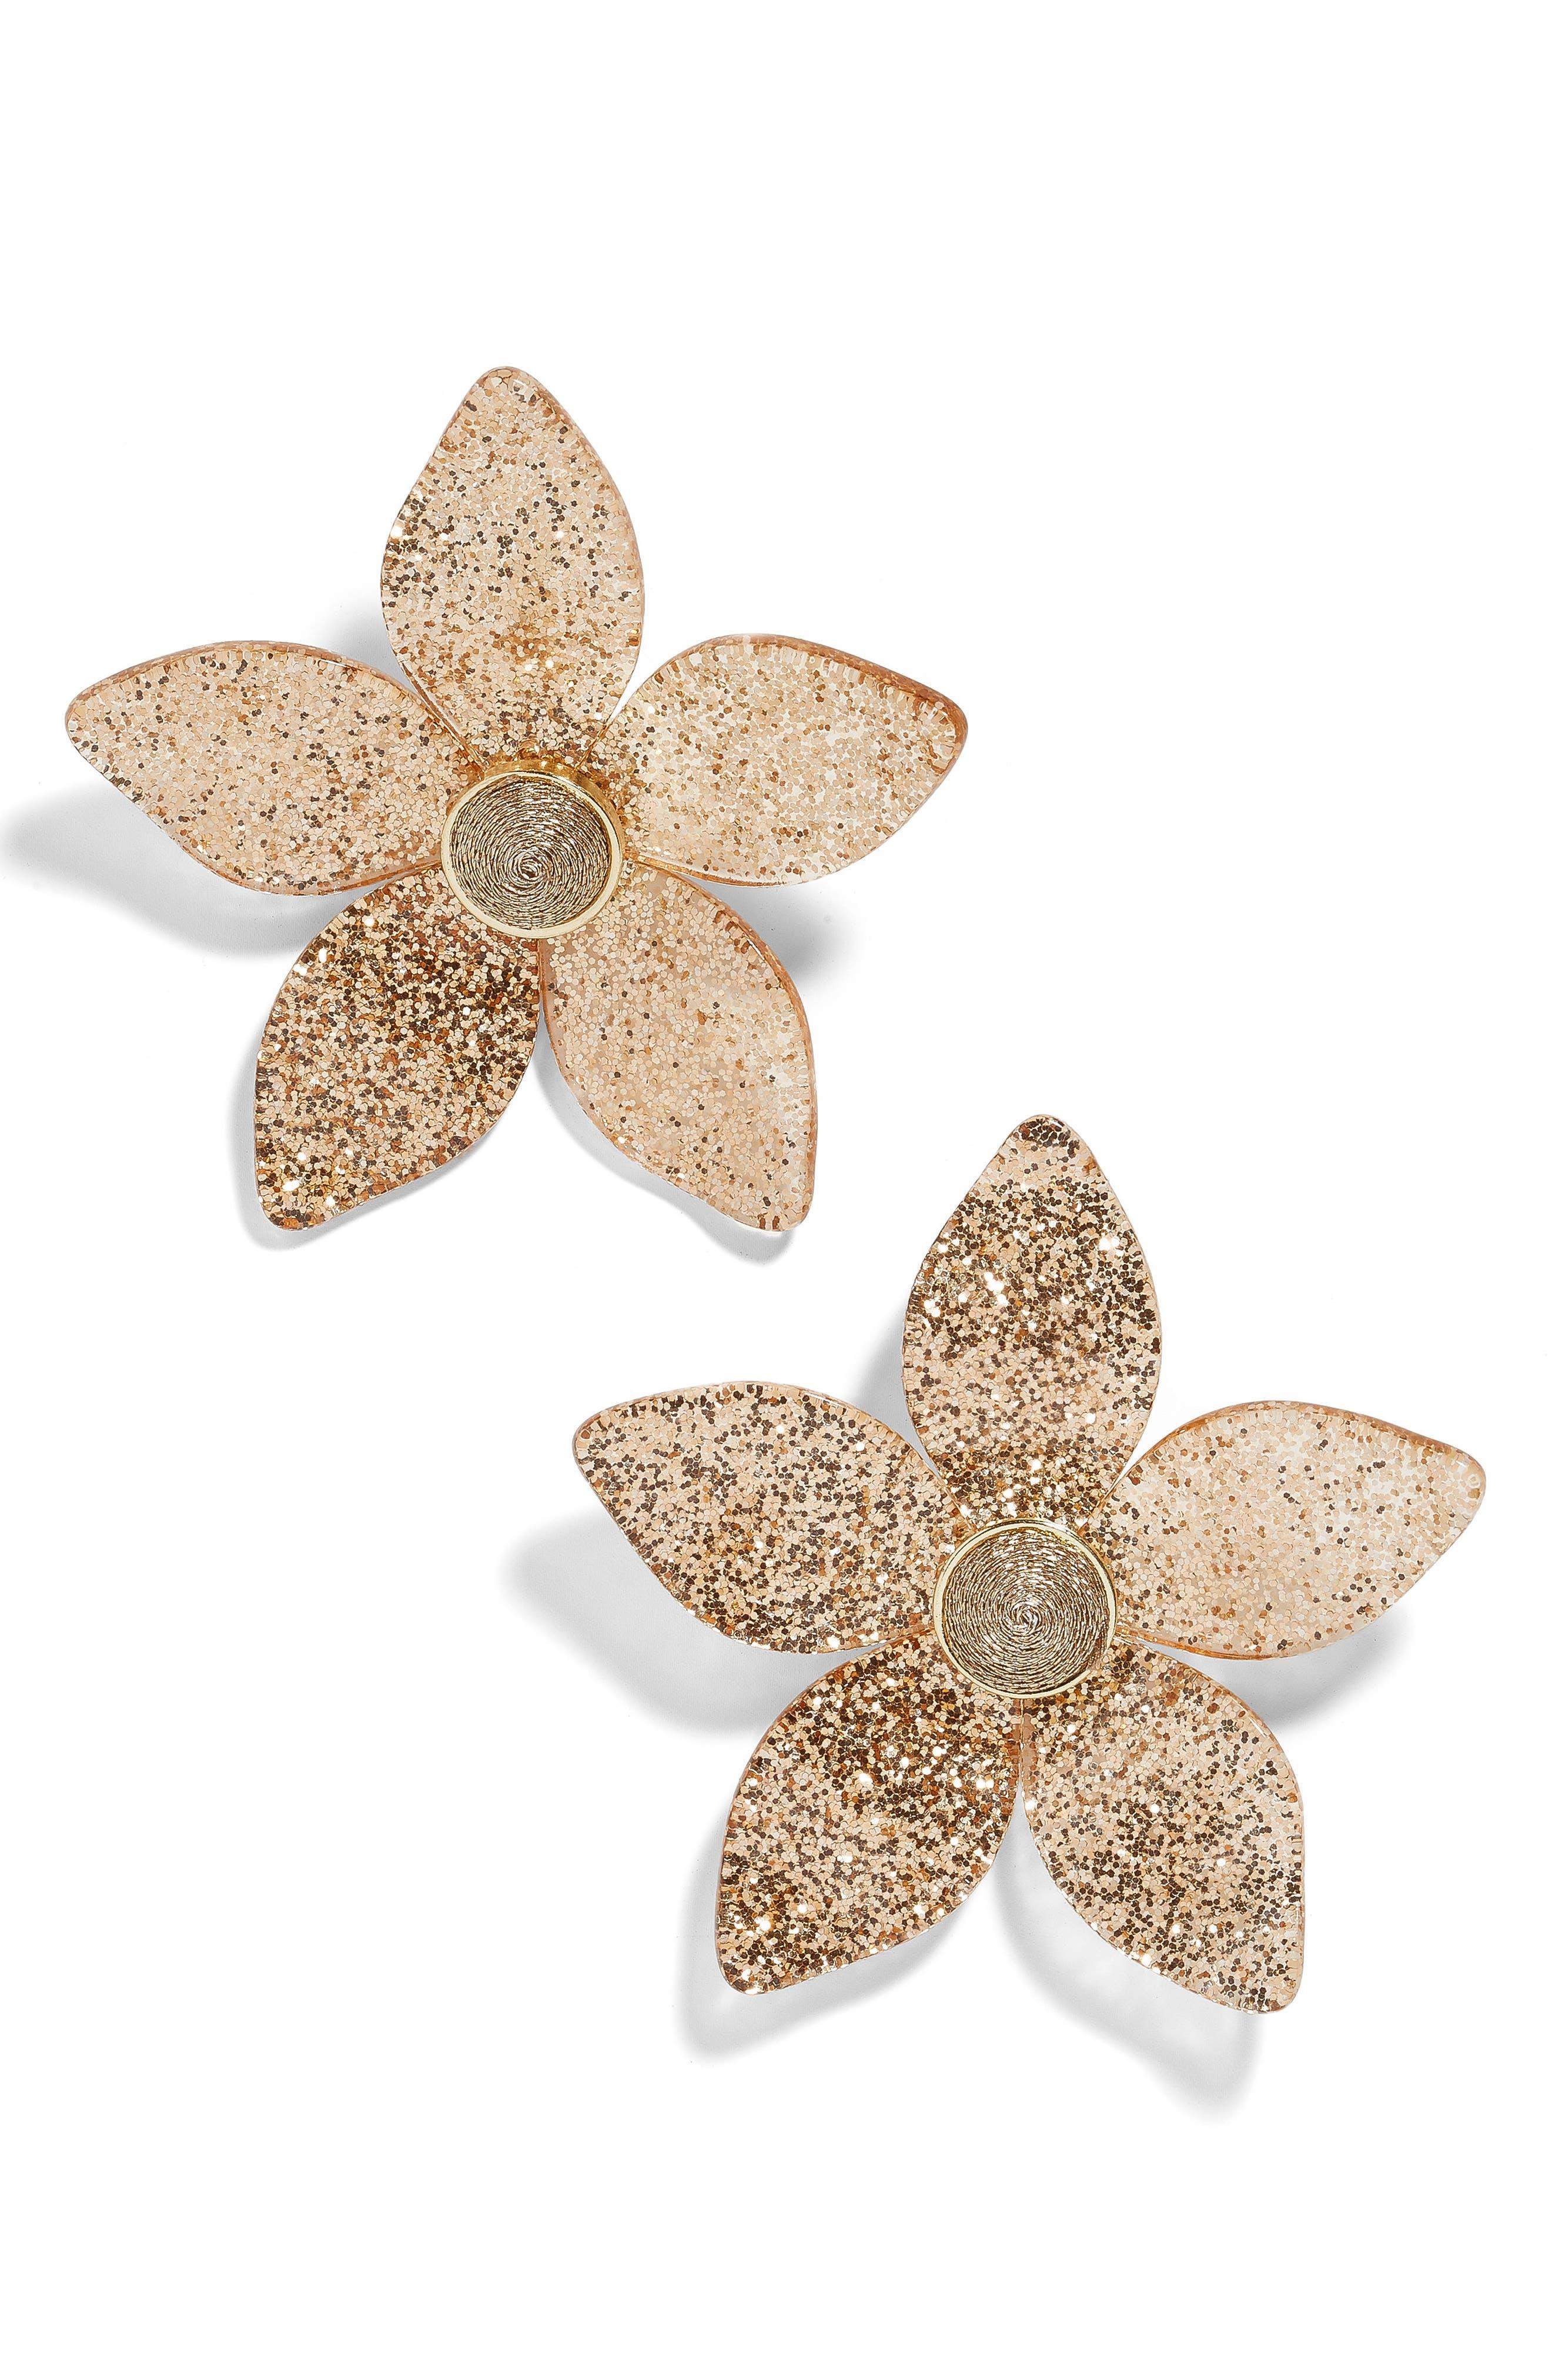 BAUBLEBAR Glitter Resin Flower Earrings, Main, color, 710